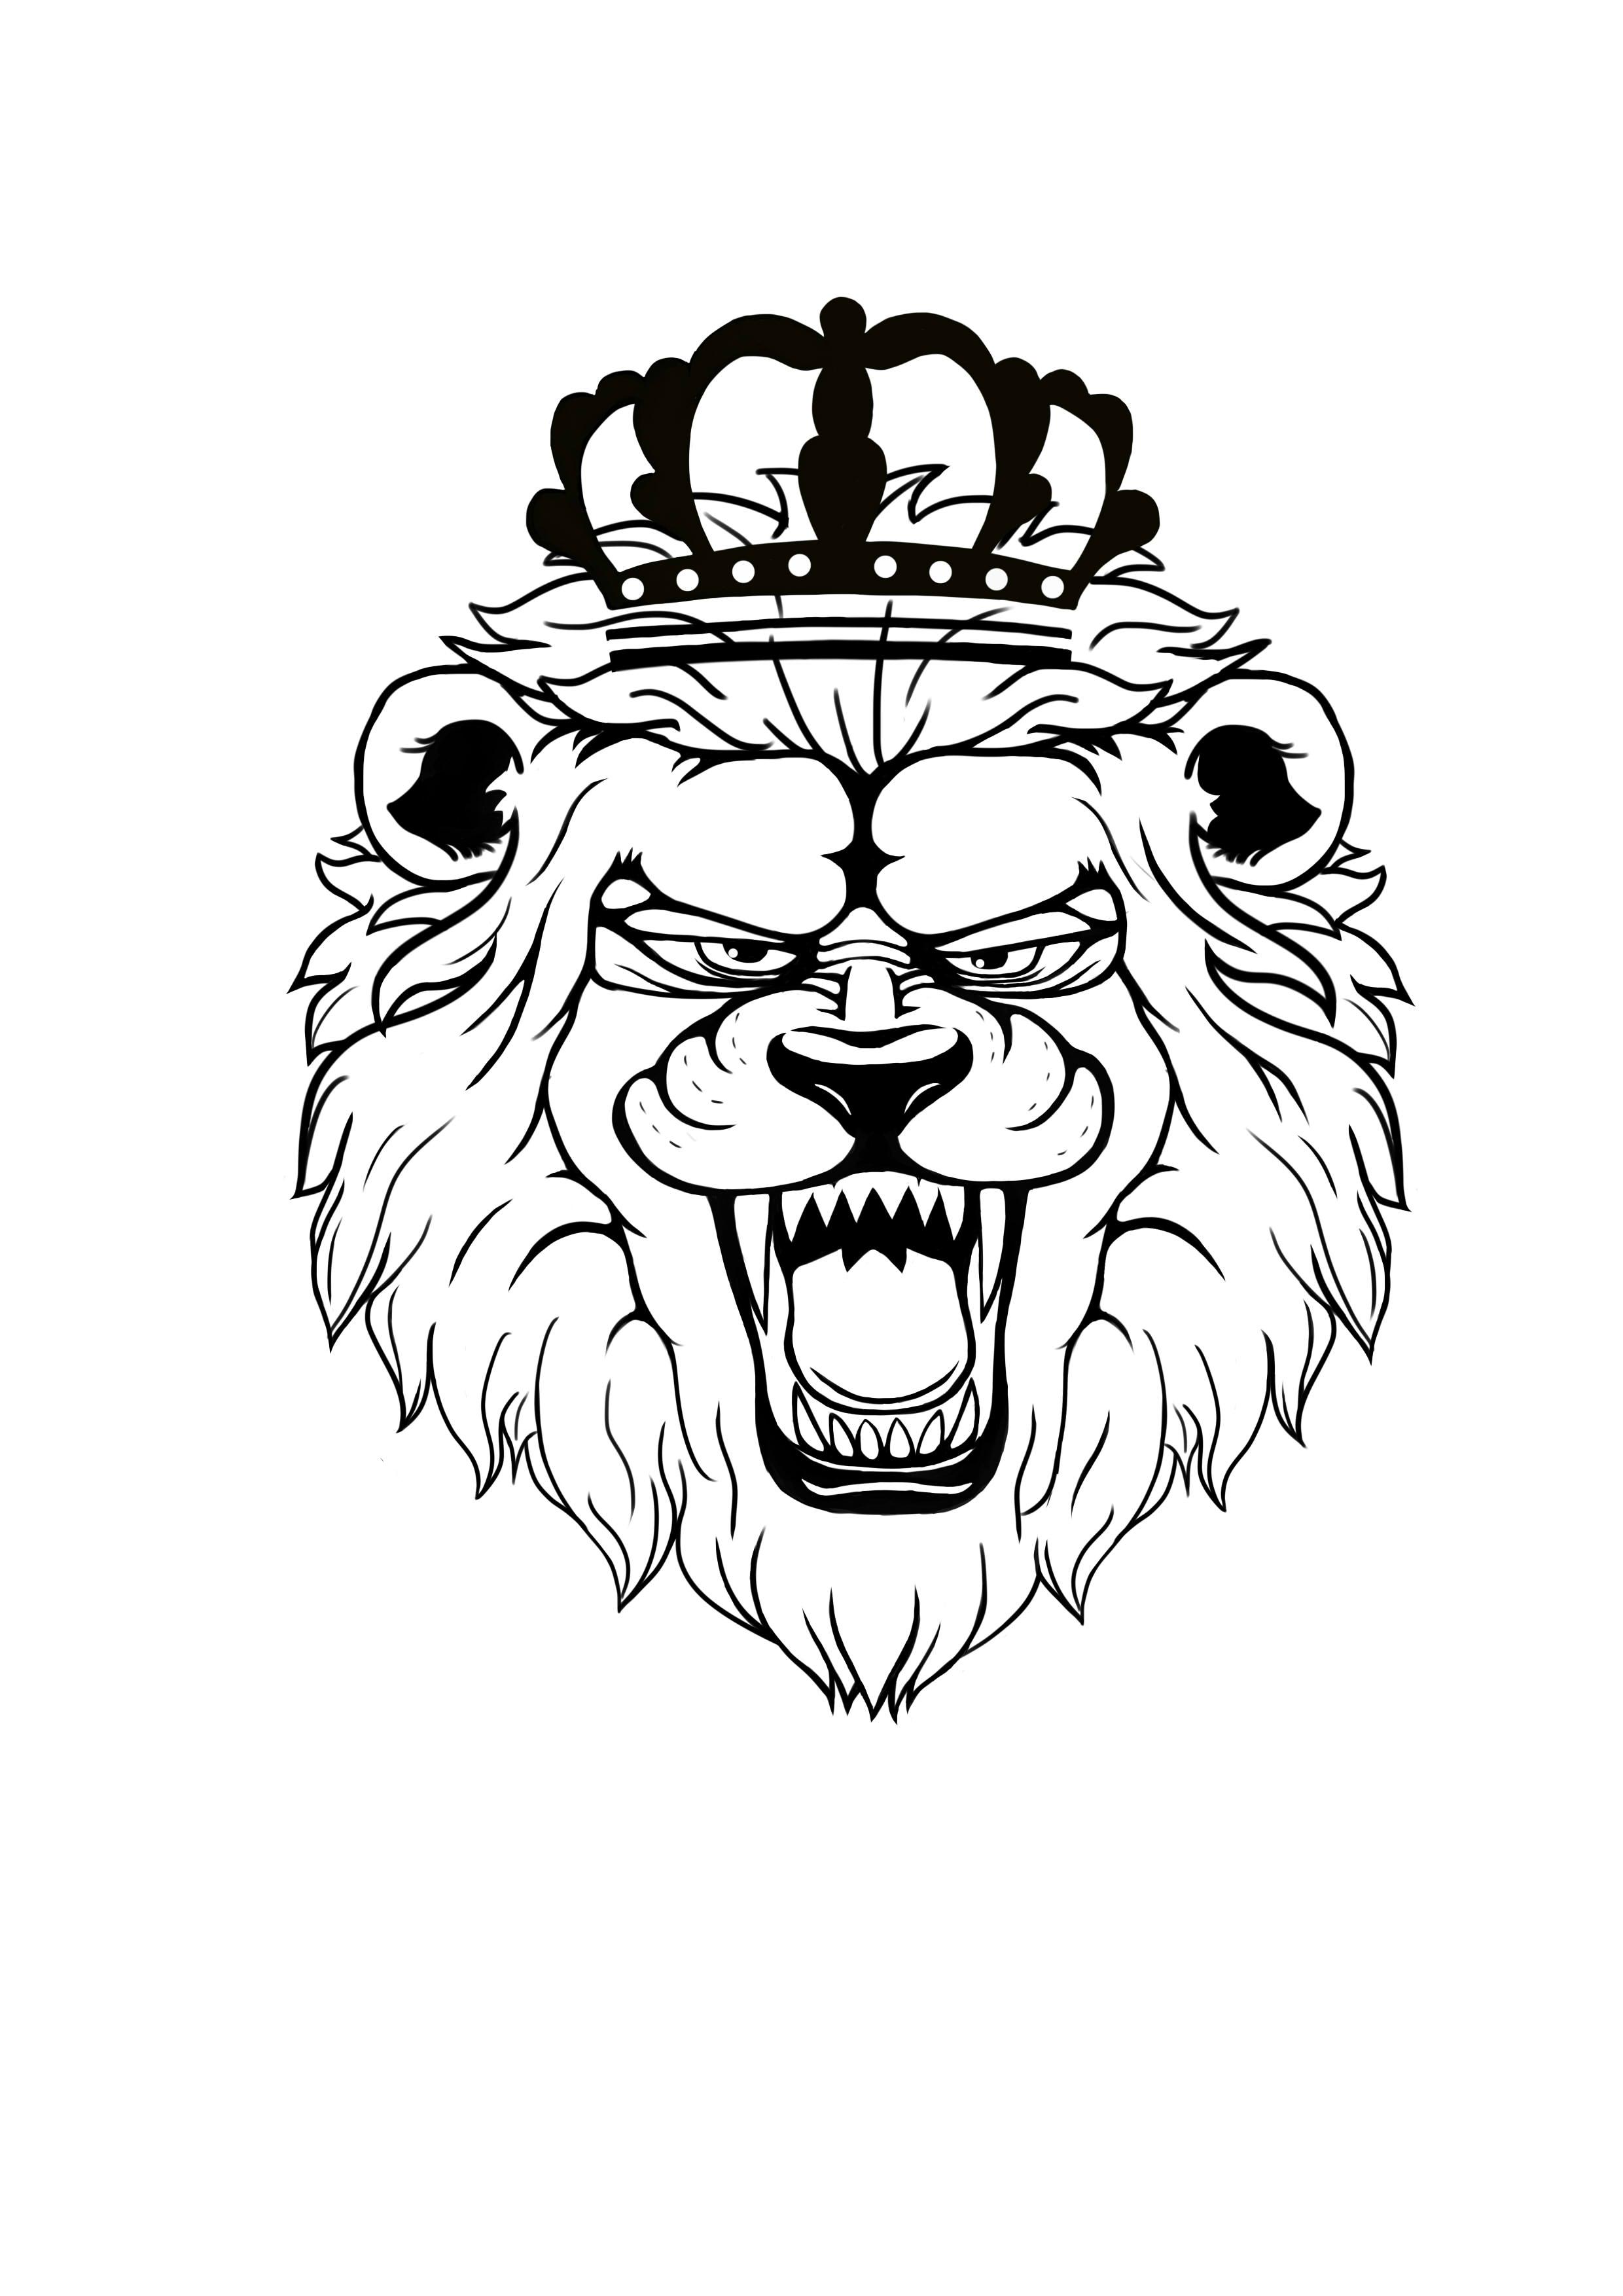 手绘狮子图片大全大图